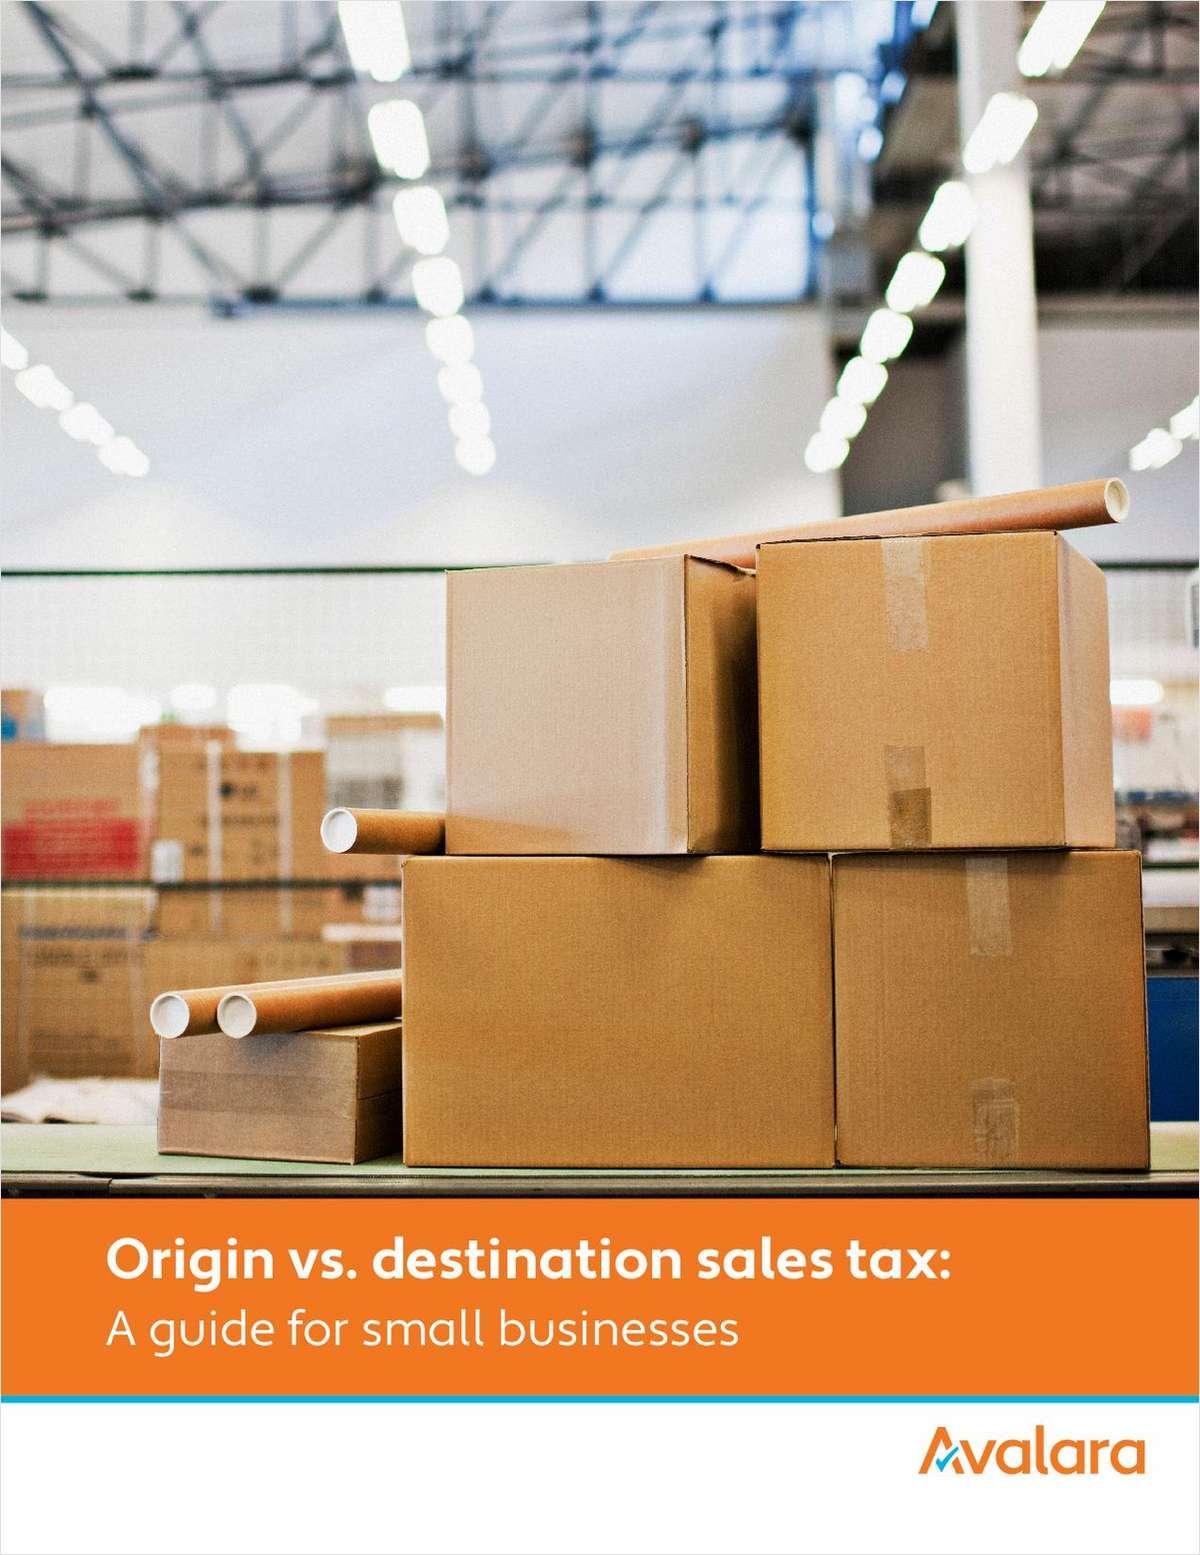 Origin vs. Destination Sales Tax: A Guide for Small Business